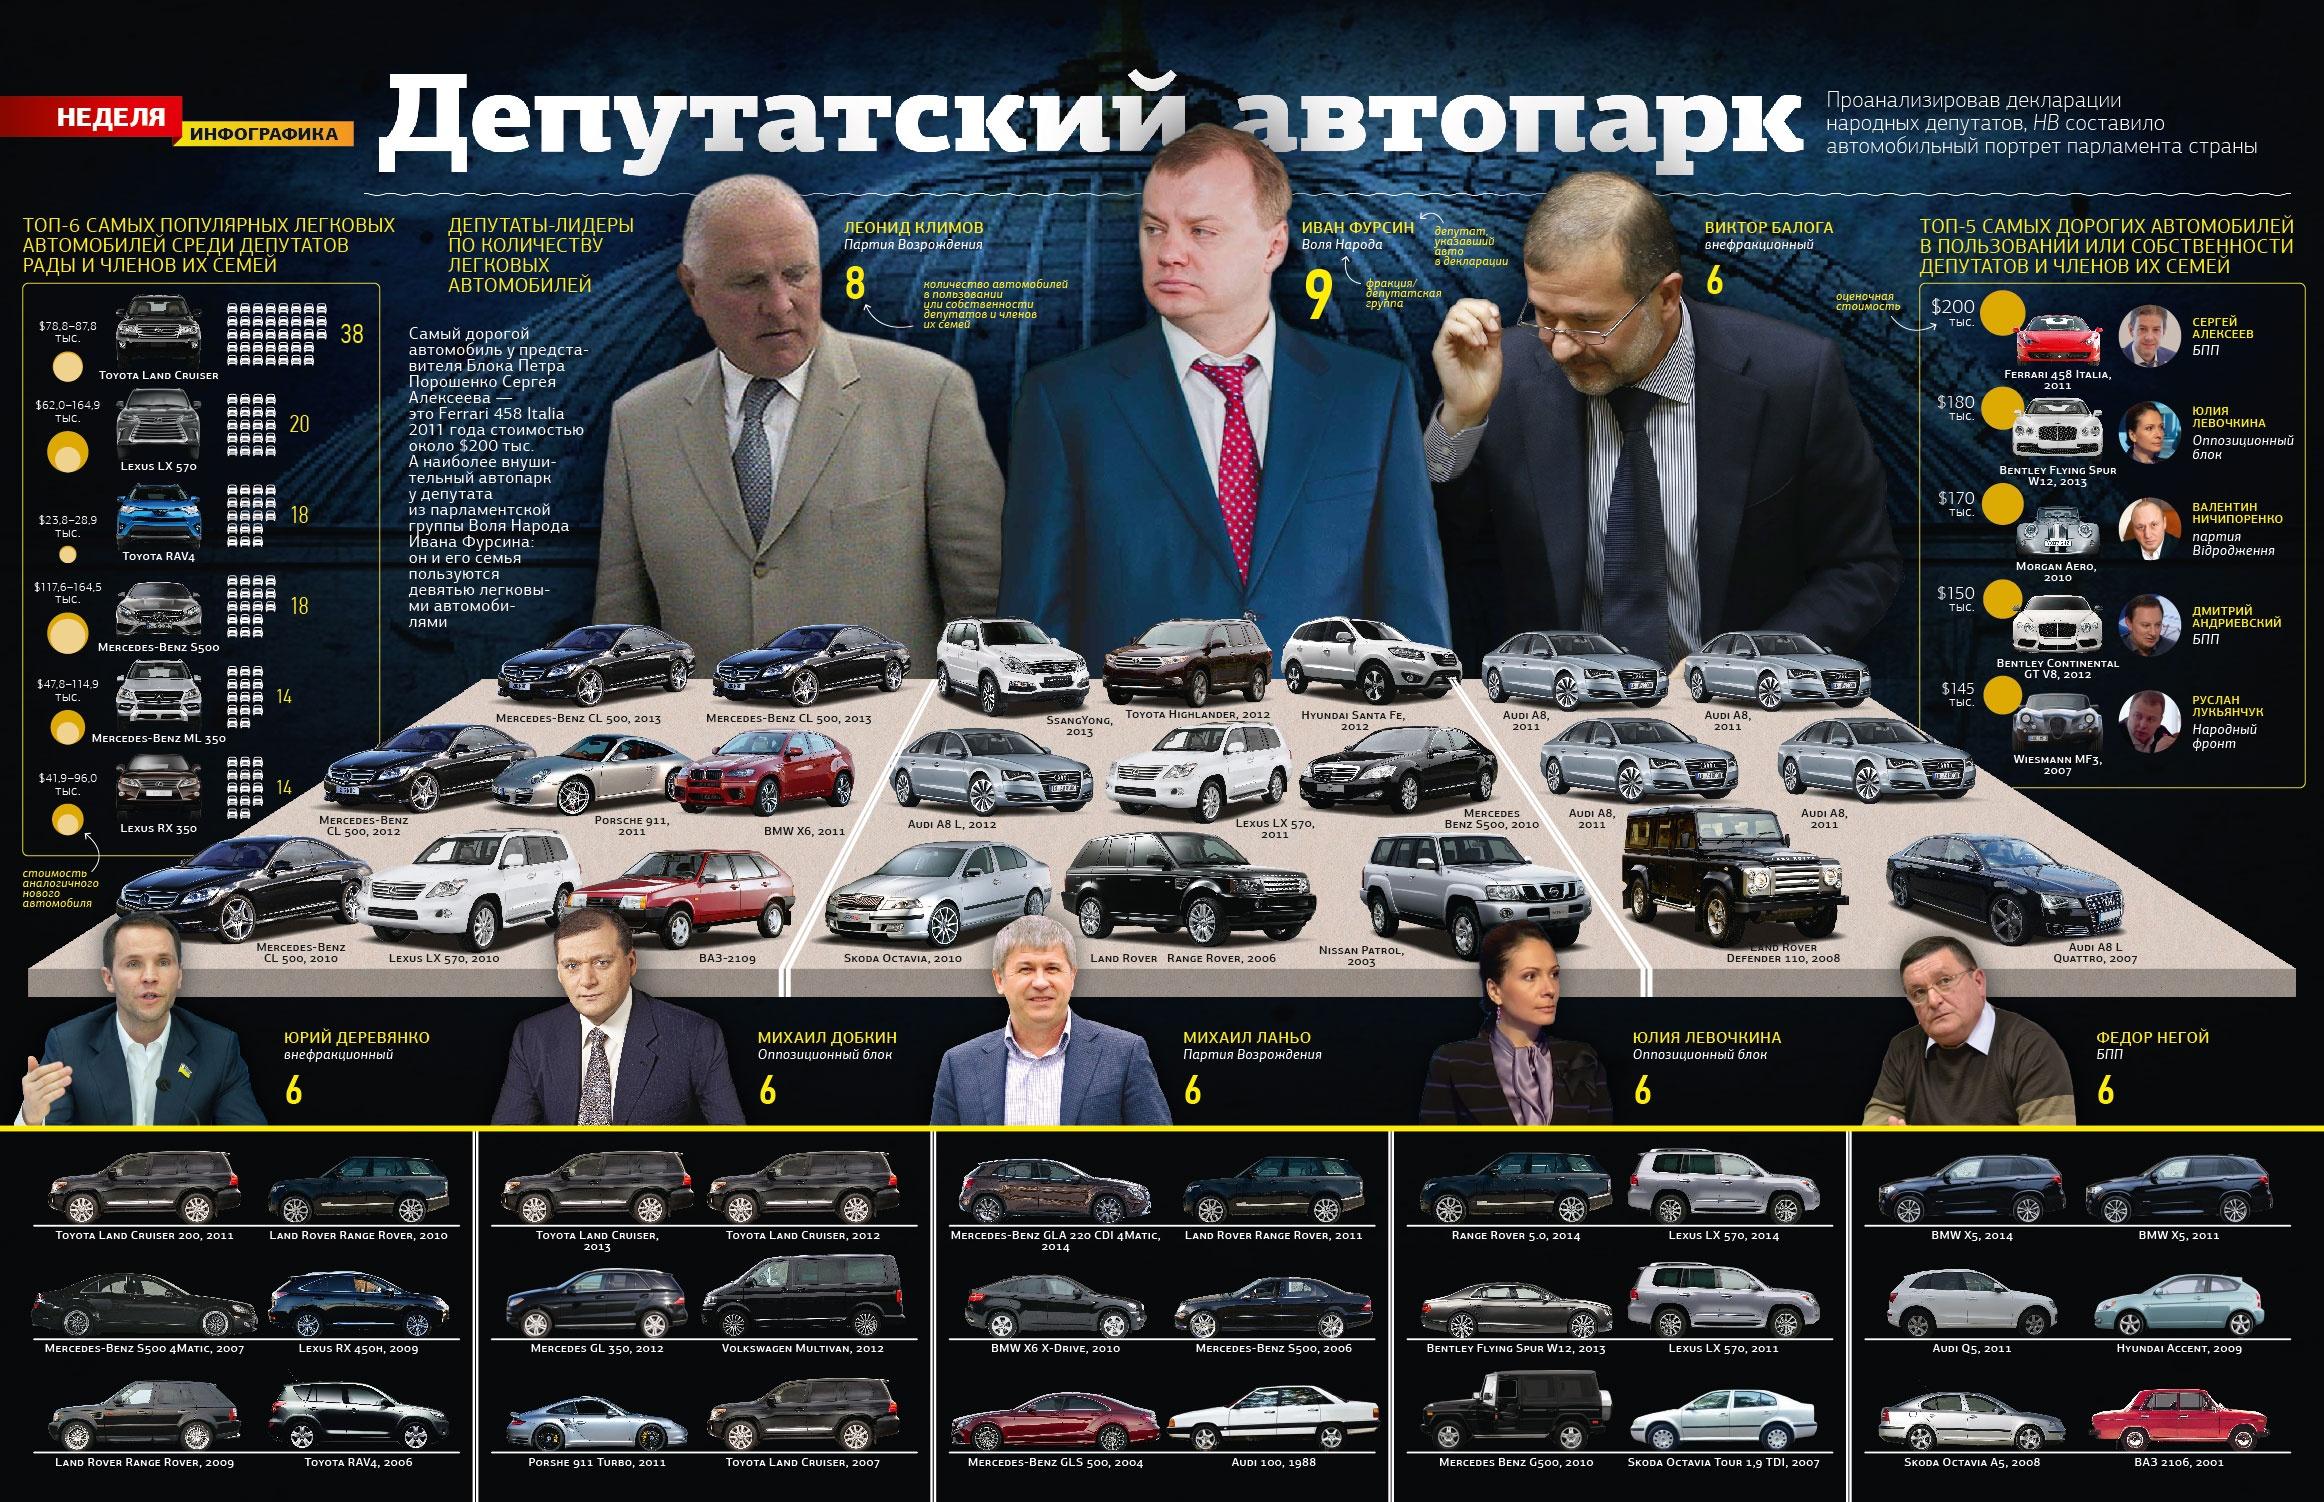 Депутатский автопарк: СМИ узнали о самых популярных автомобилях украинских политиков